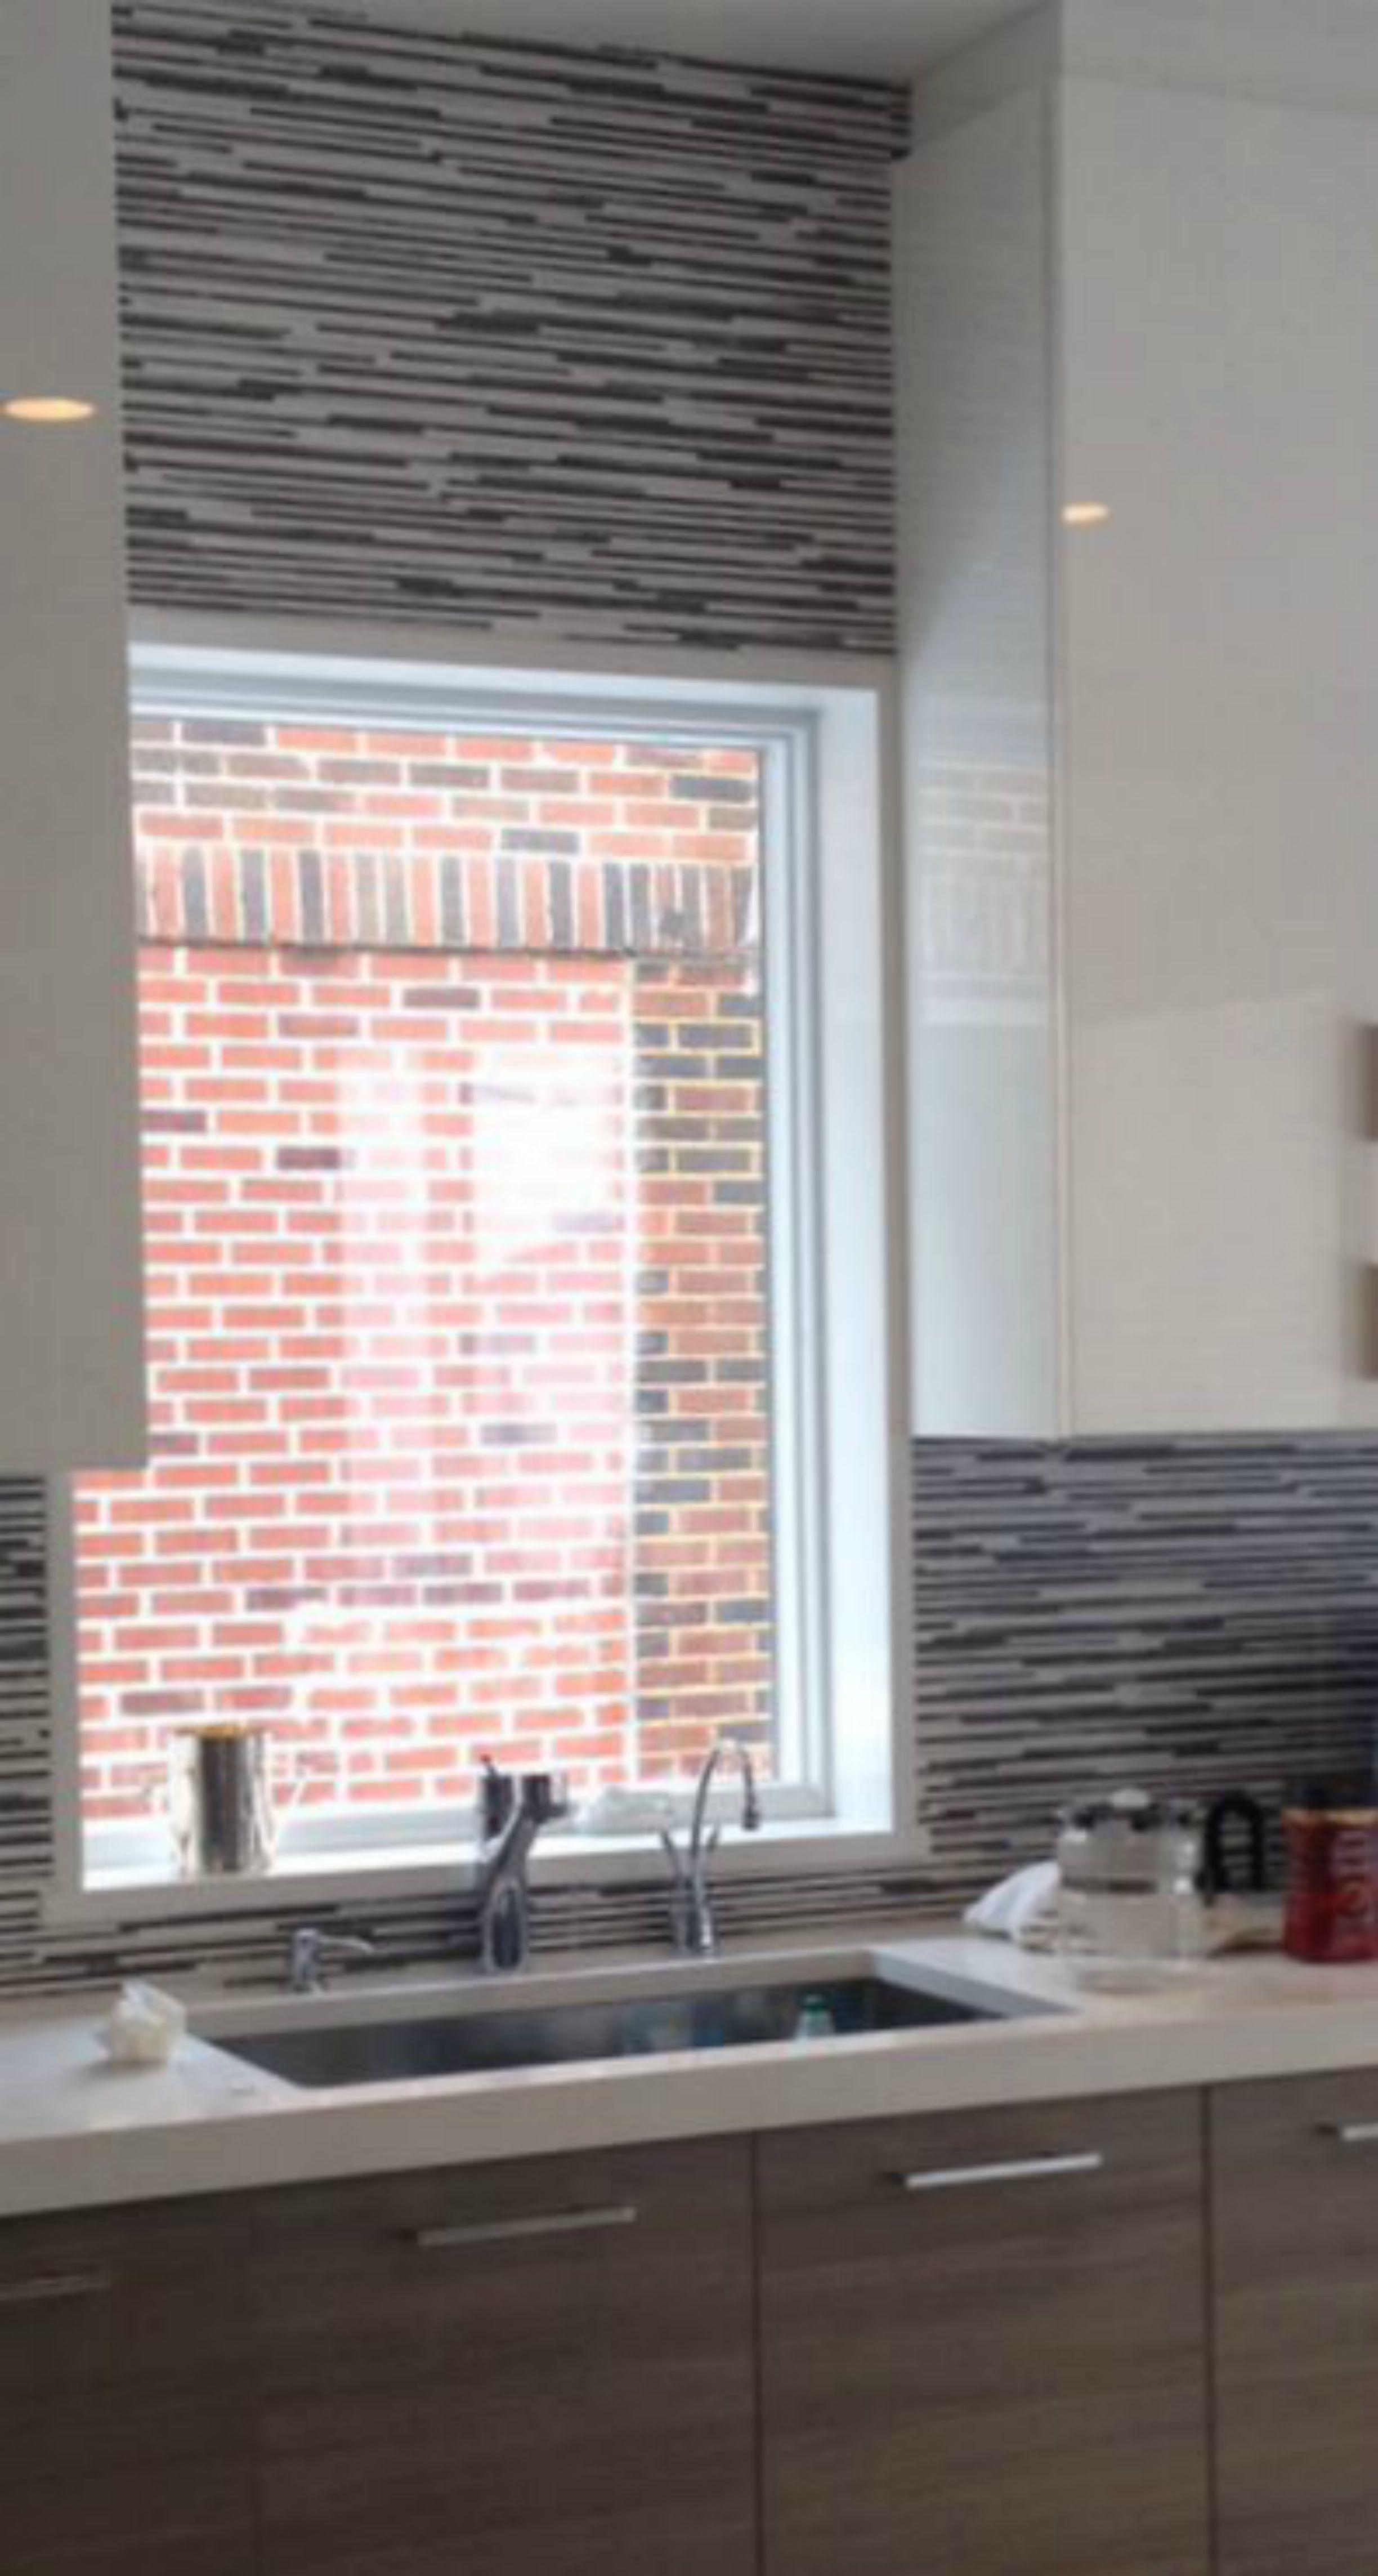 Inspiring kitchen remodel